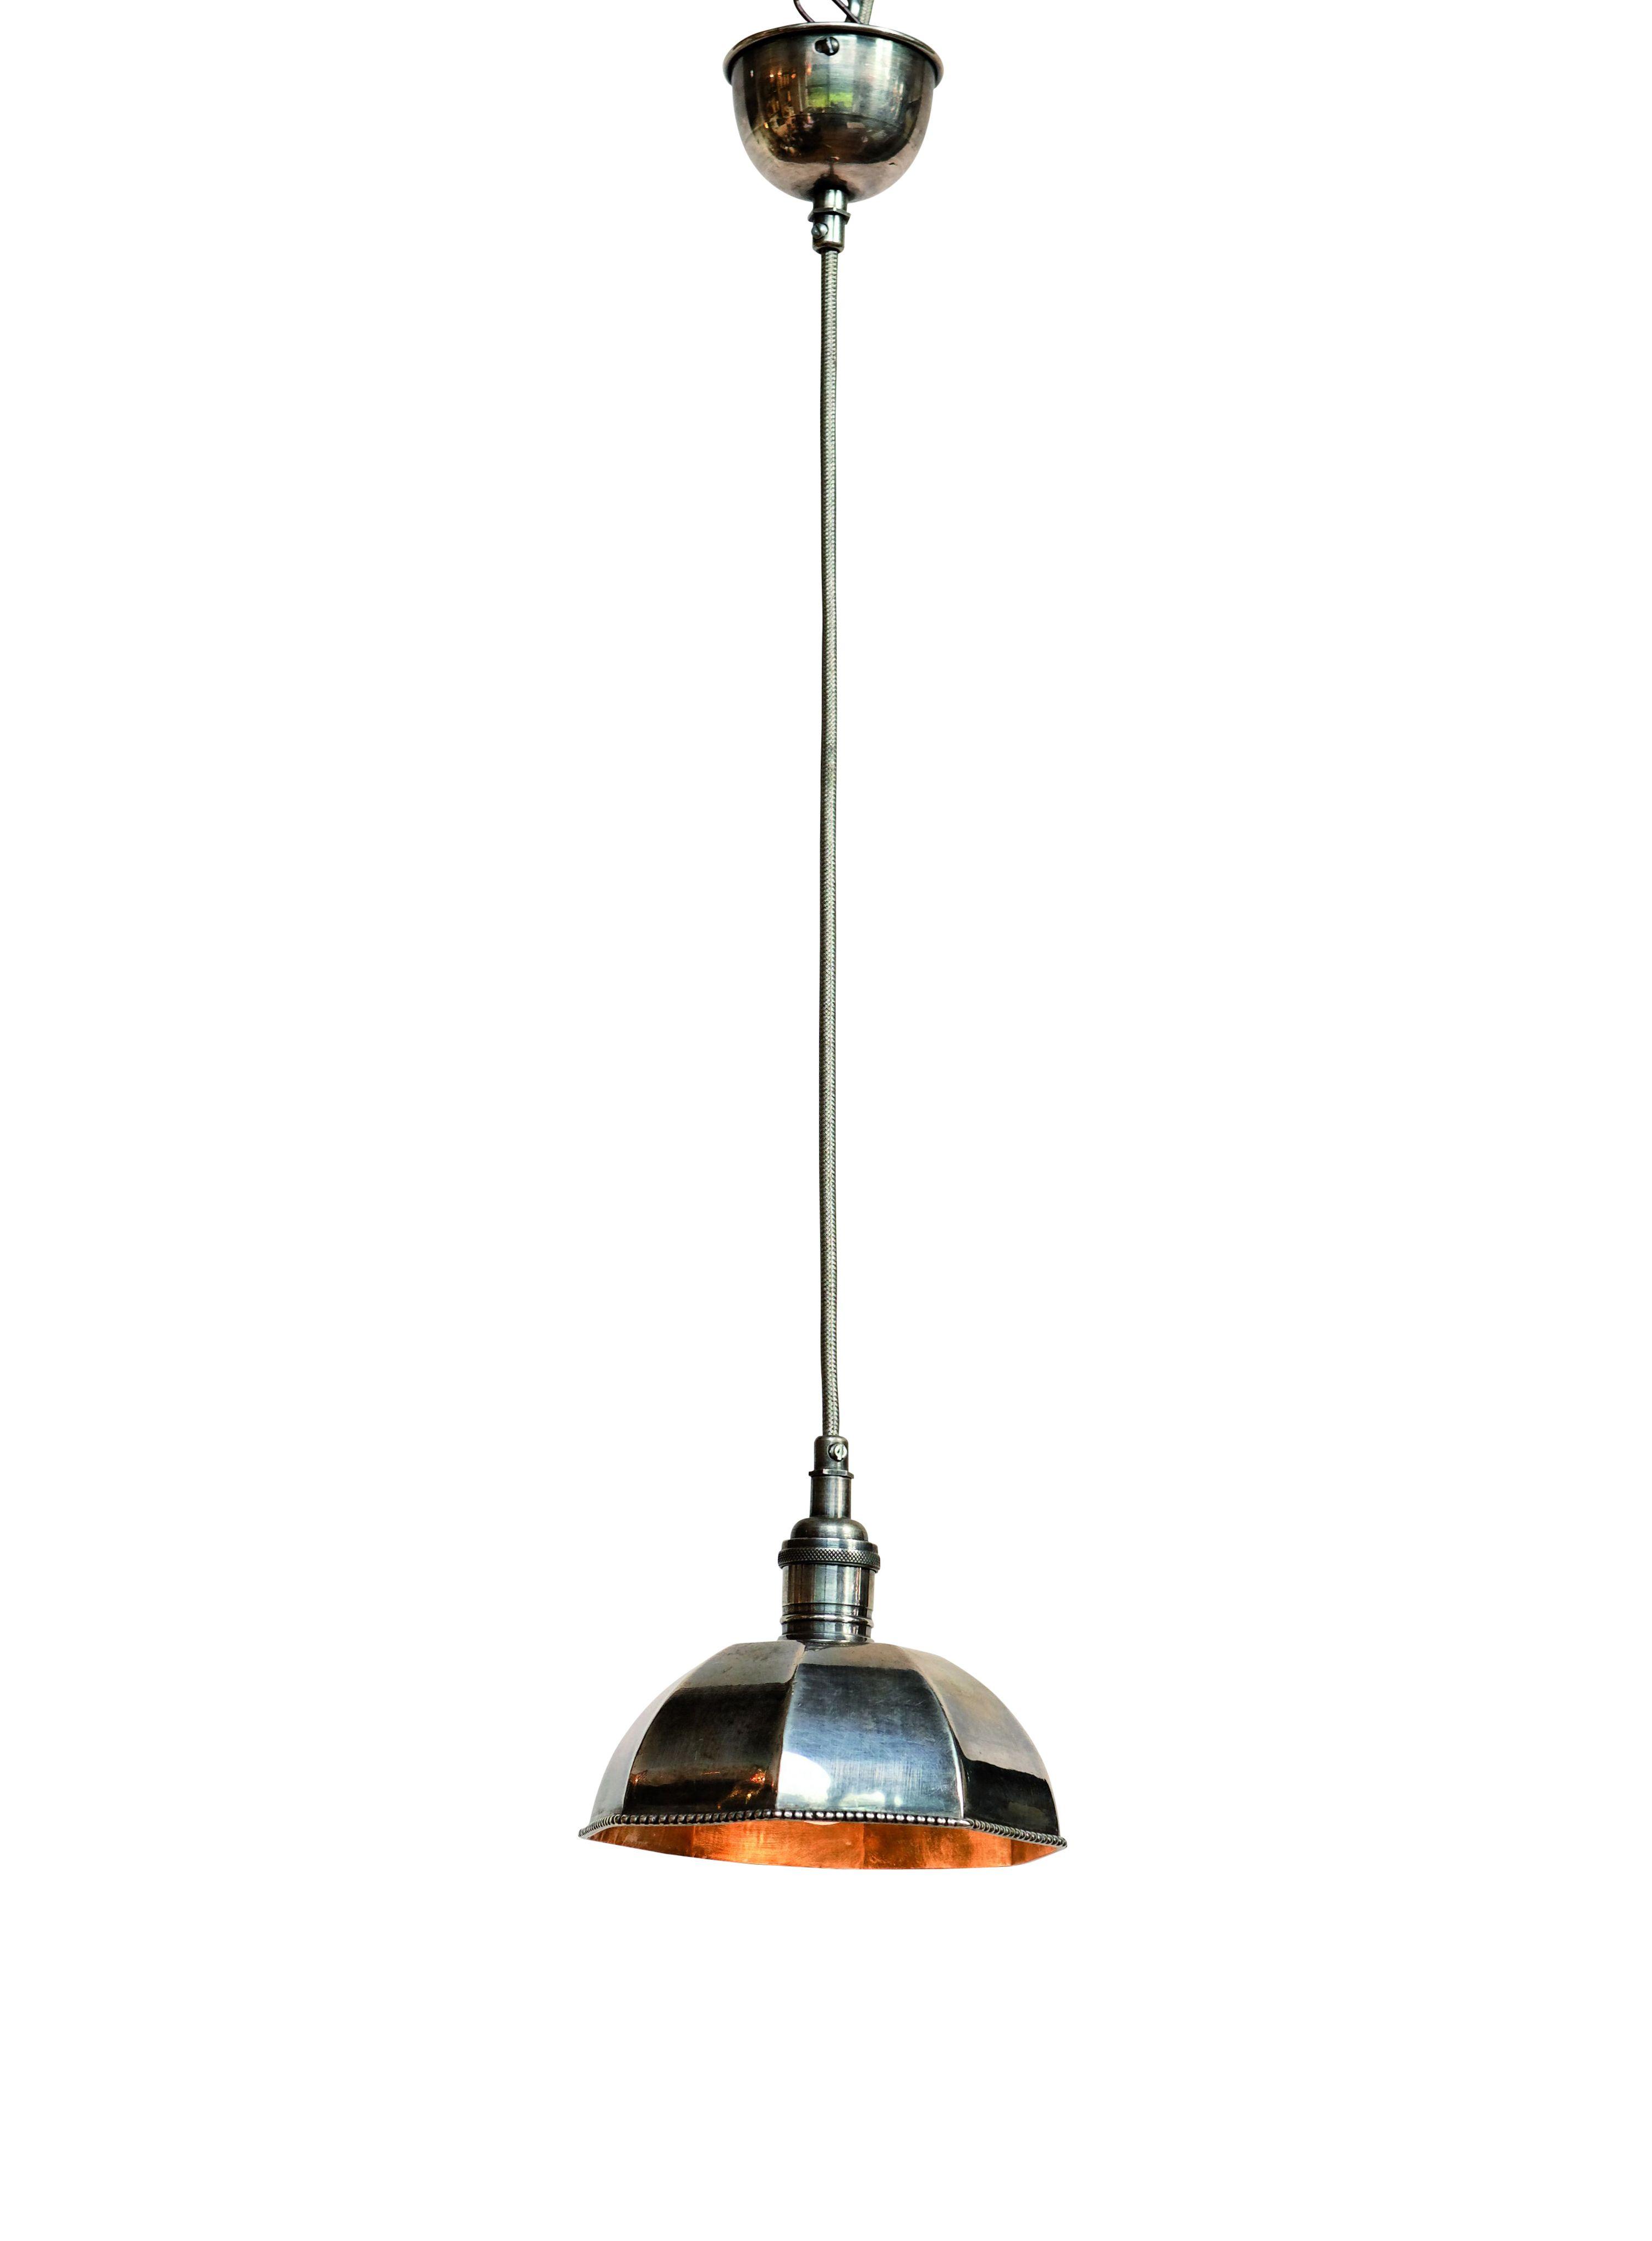 Lampe suspension octogonal h17 x15 cm 185$ Contactez nous 581 996